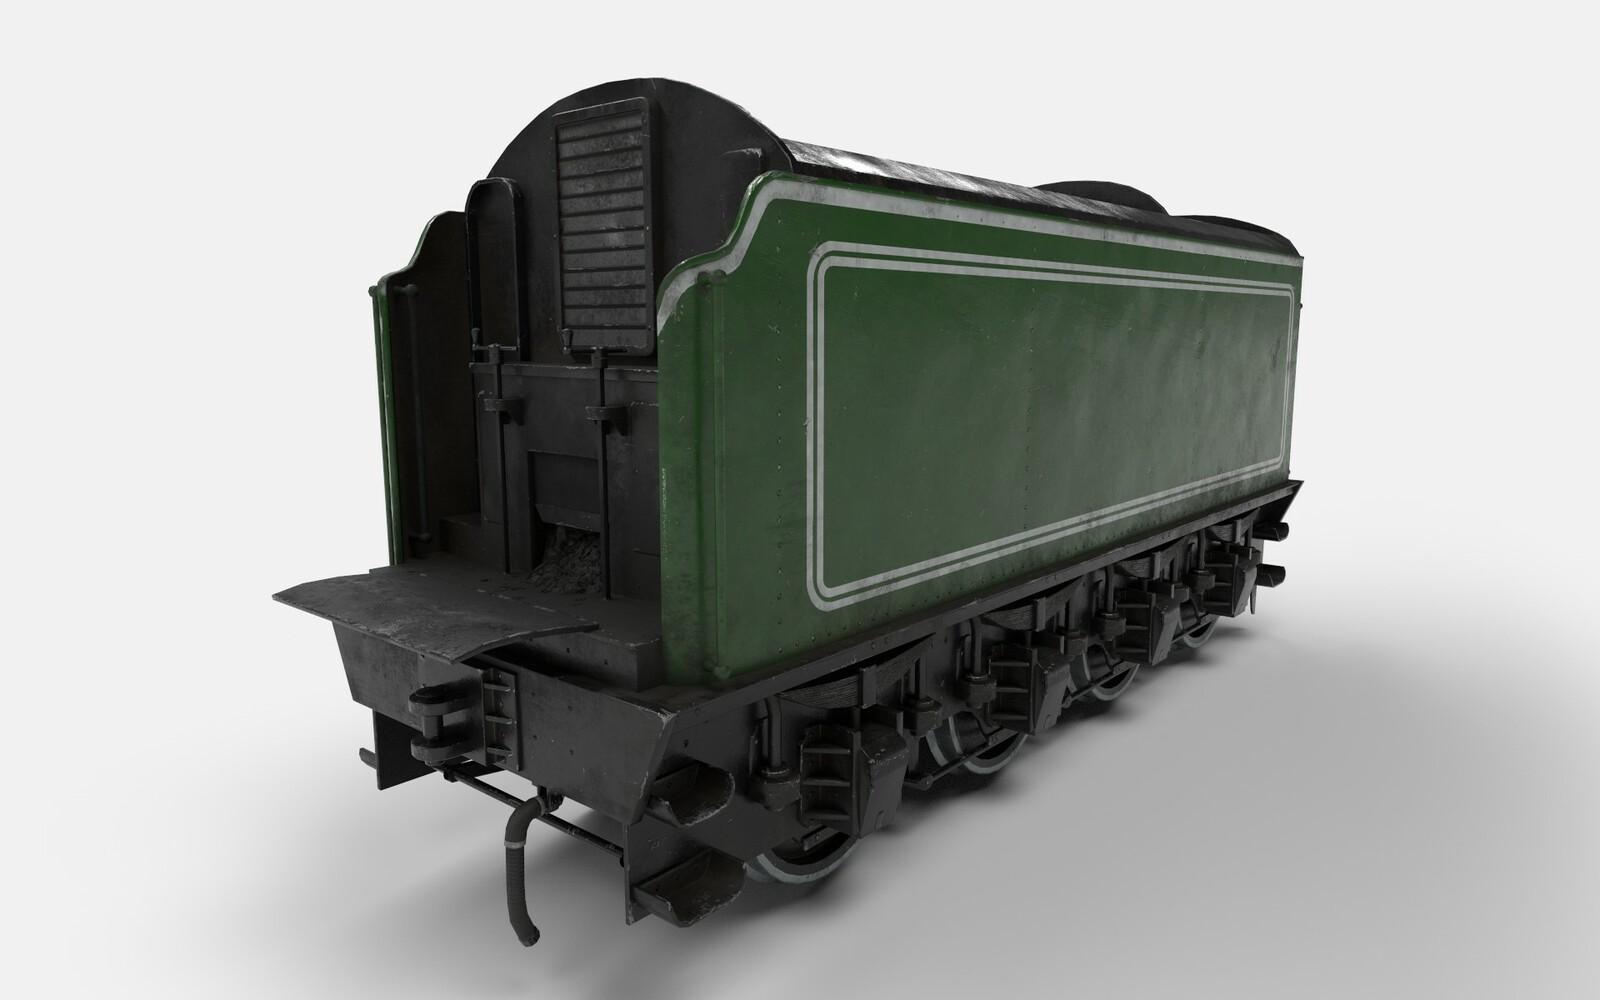 Flying Scotsman Tender (historical train)